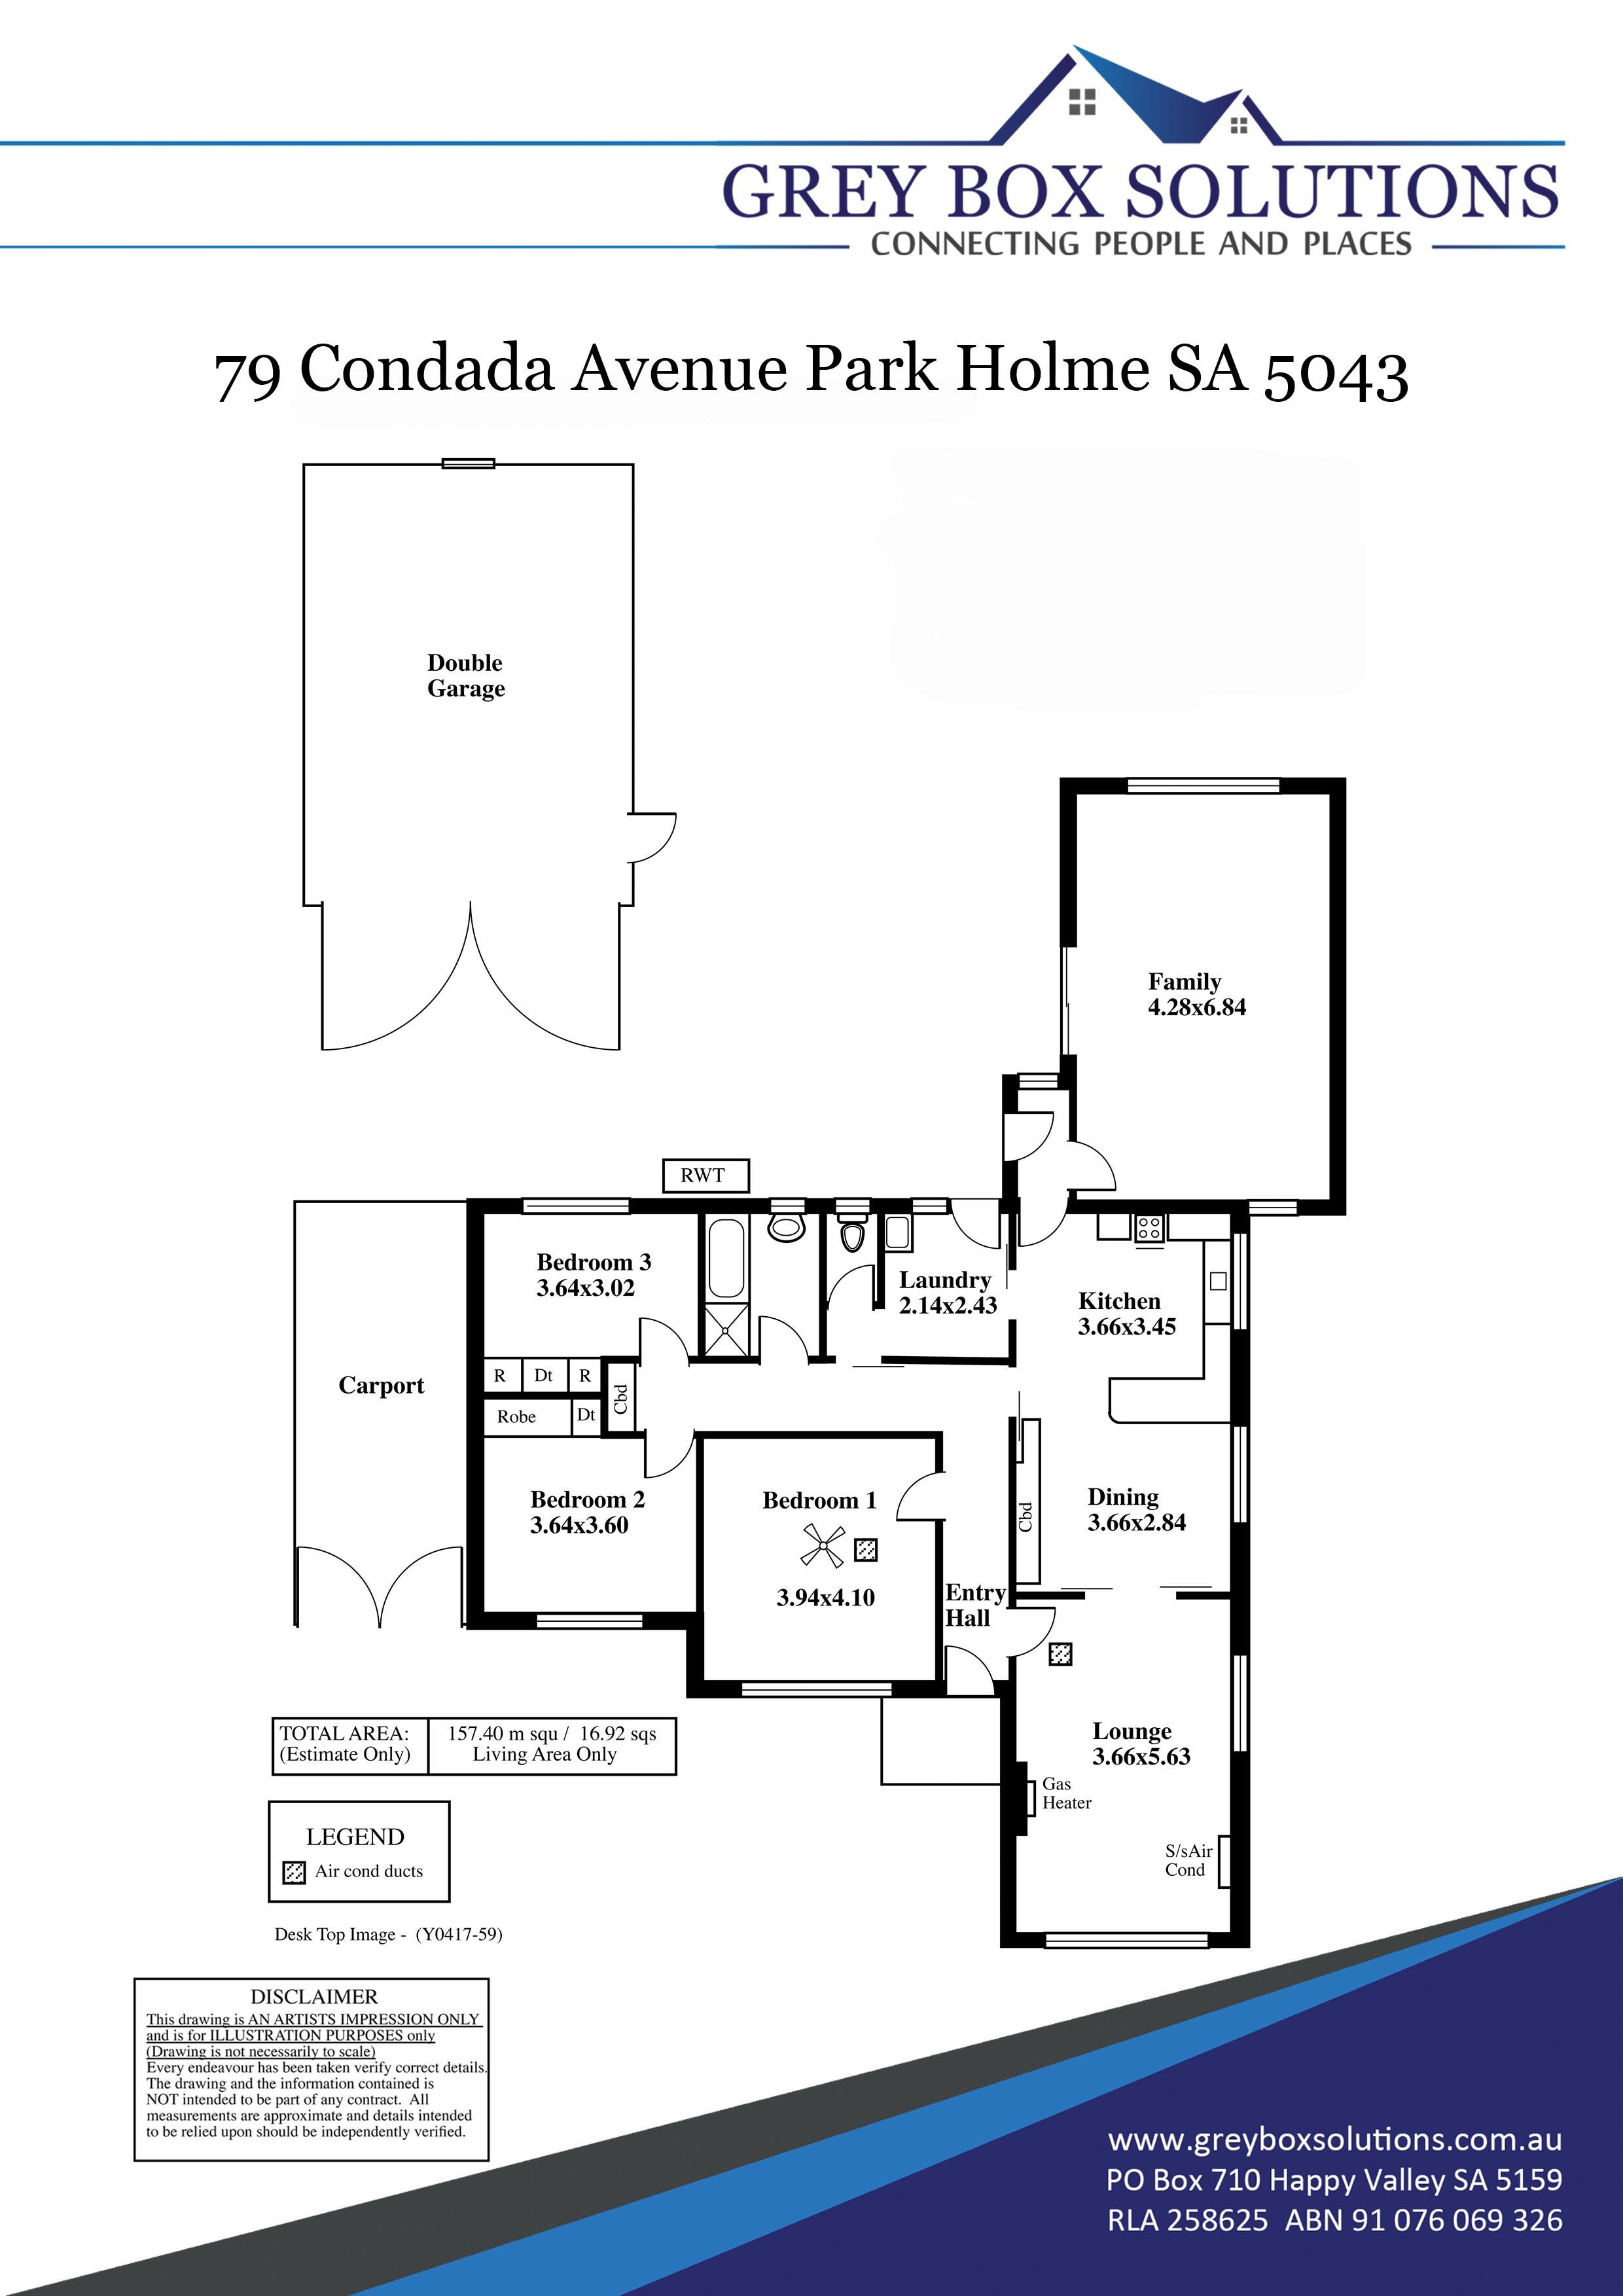 13 Floor Plan